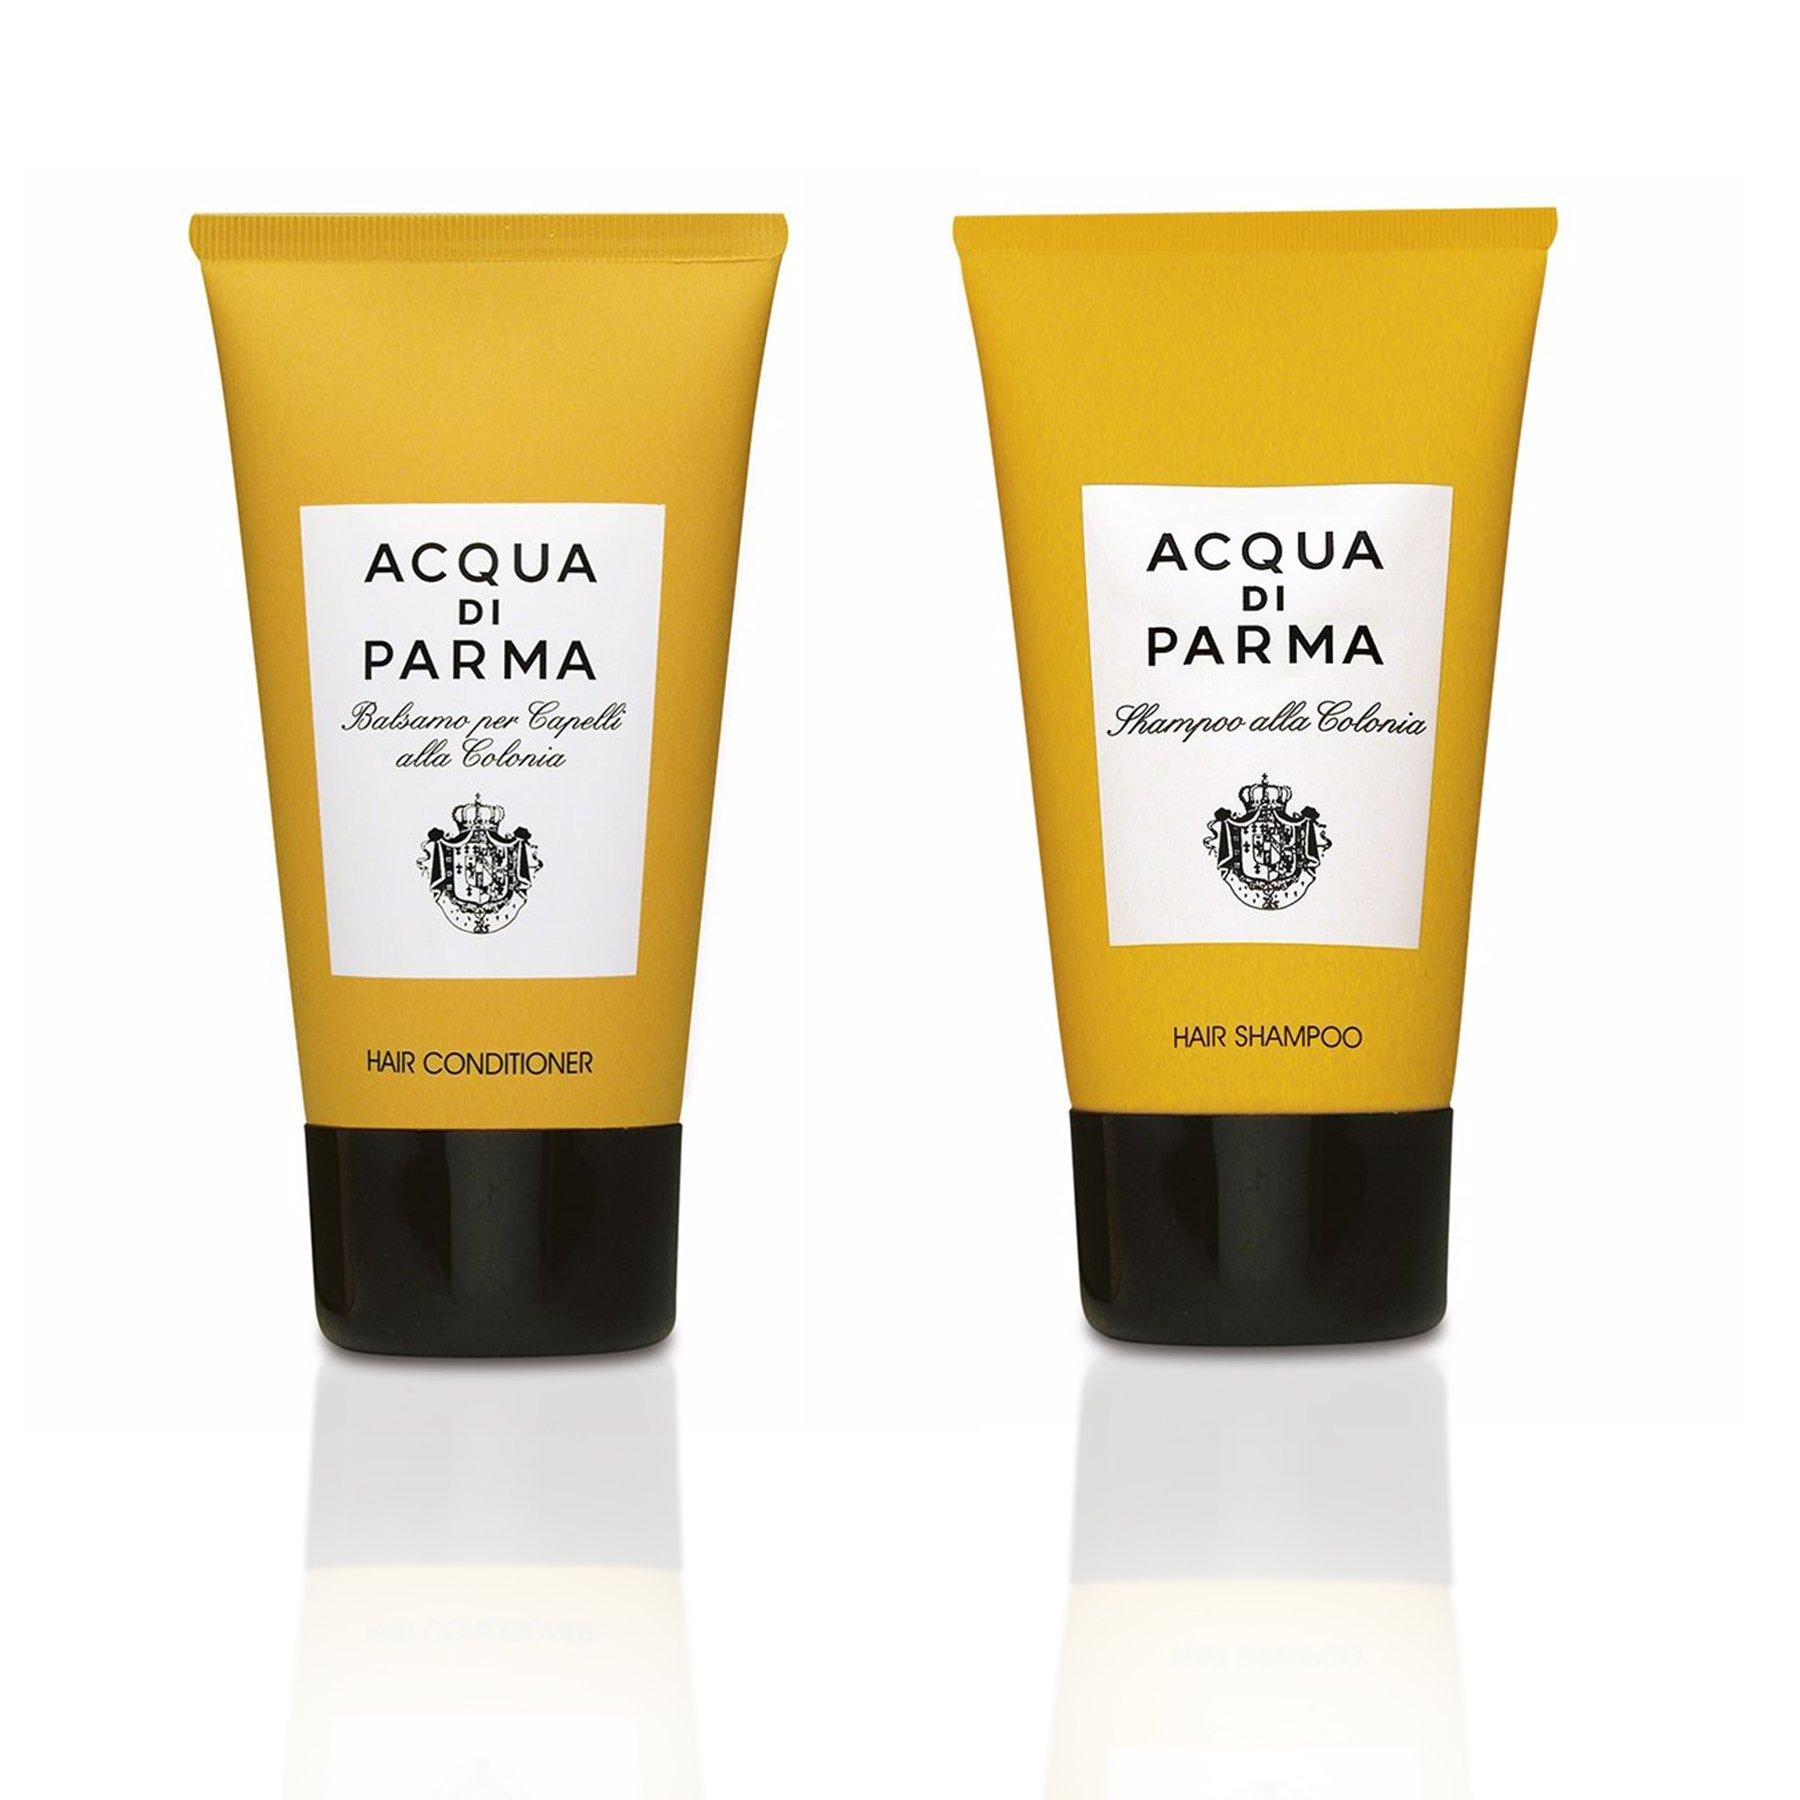 Acqua di Parma Colonia Shampoo and Conditioner Set - 5 Fl Oz/150 ml each